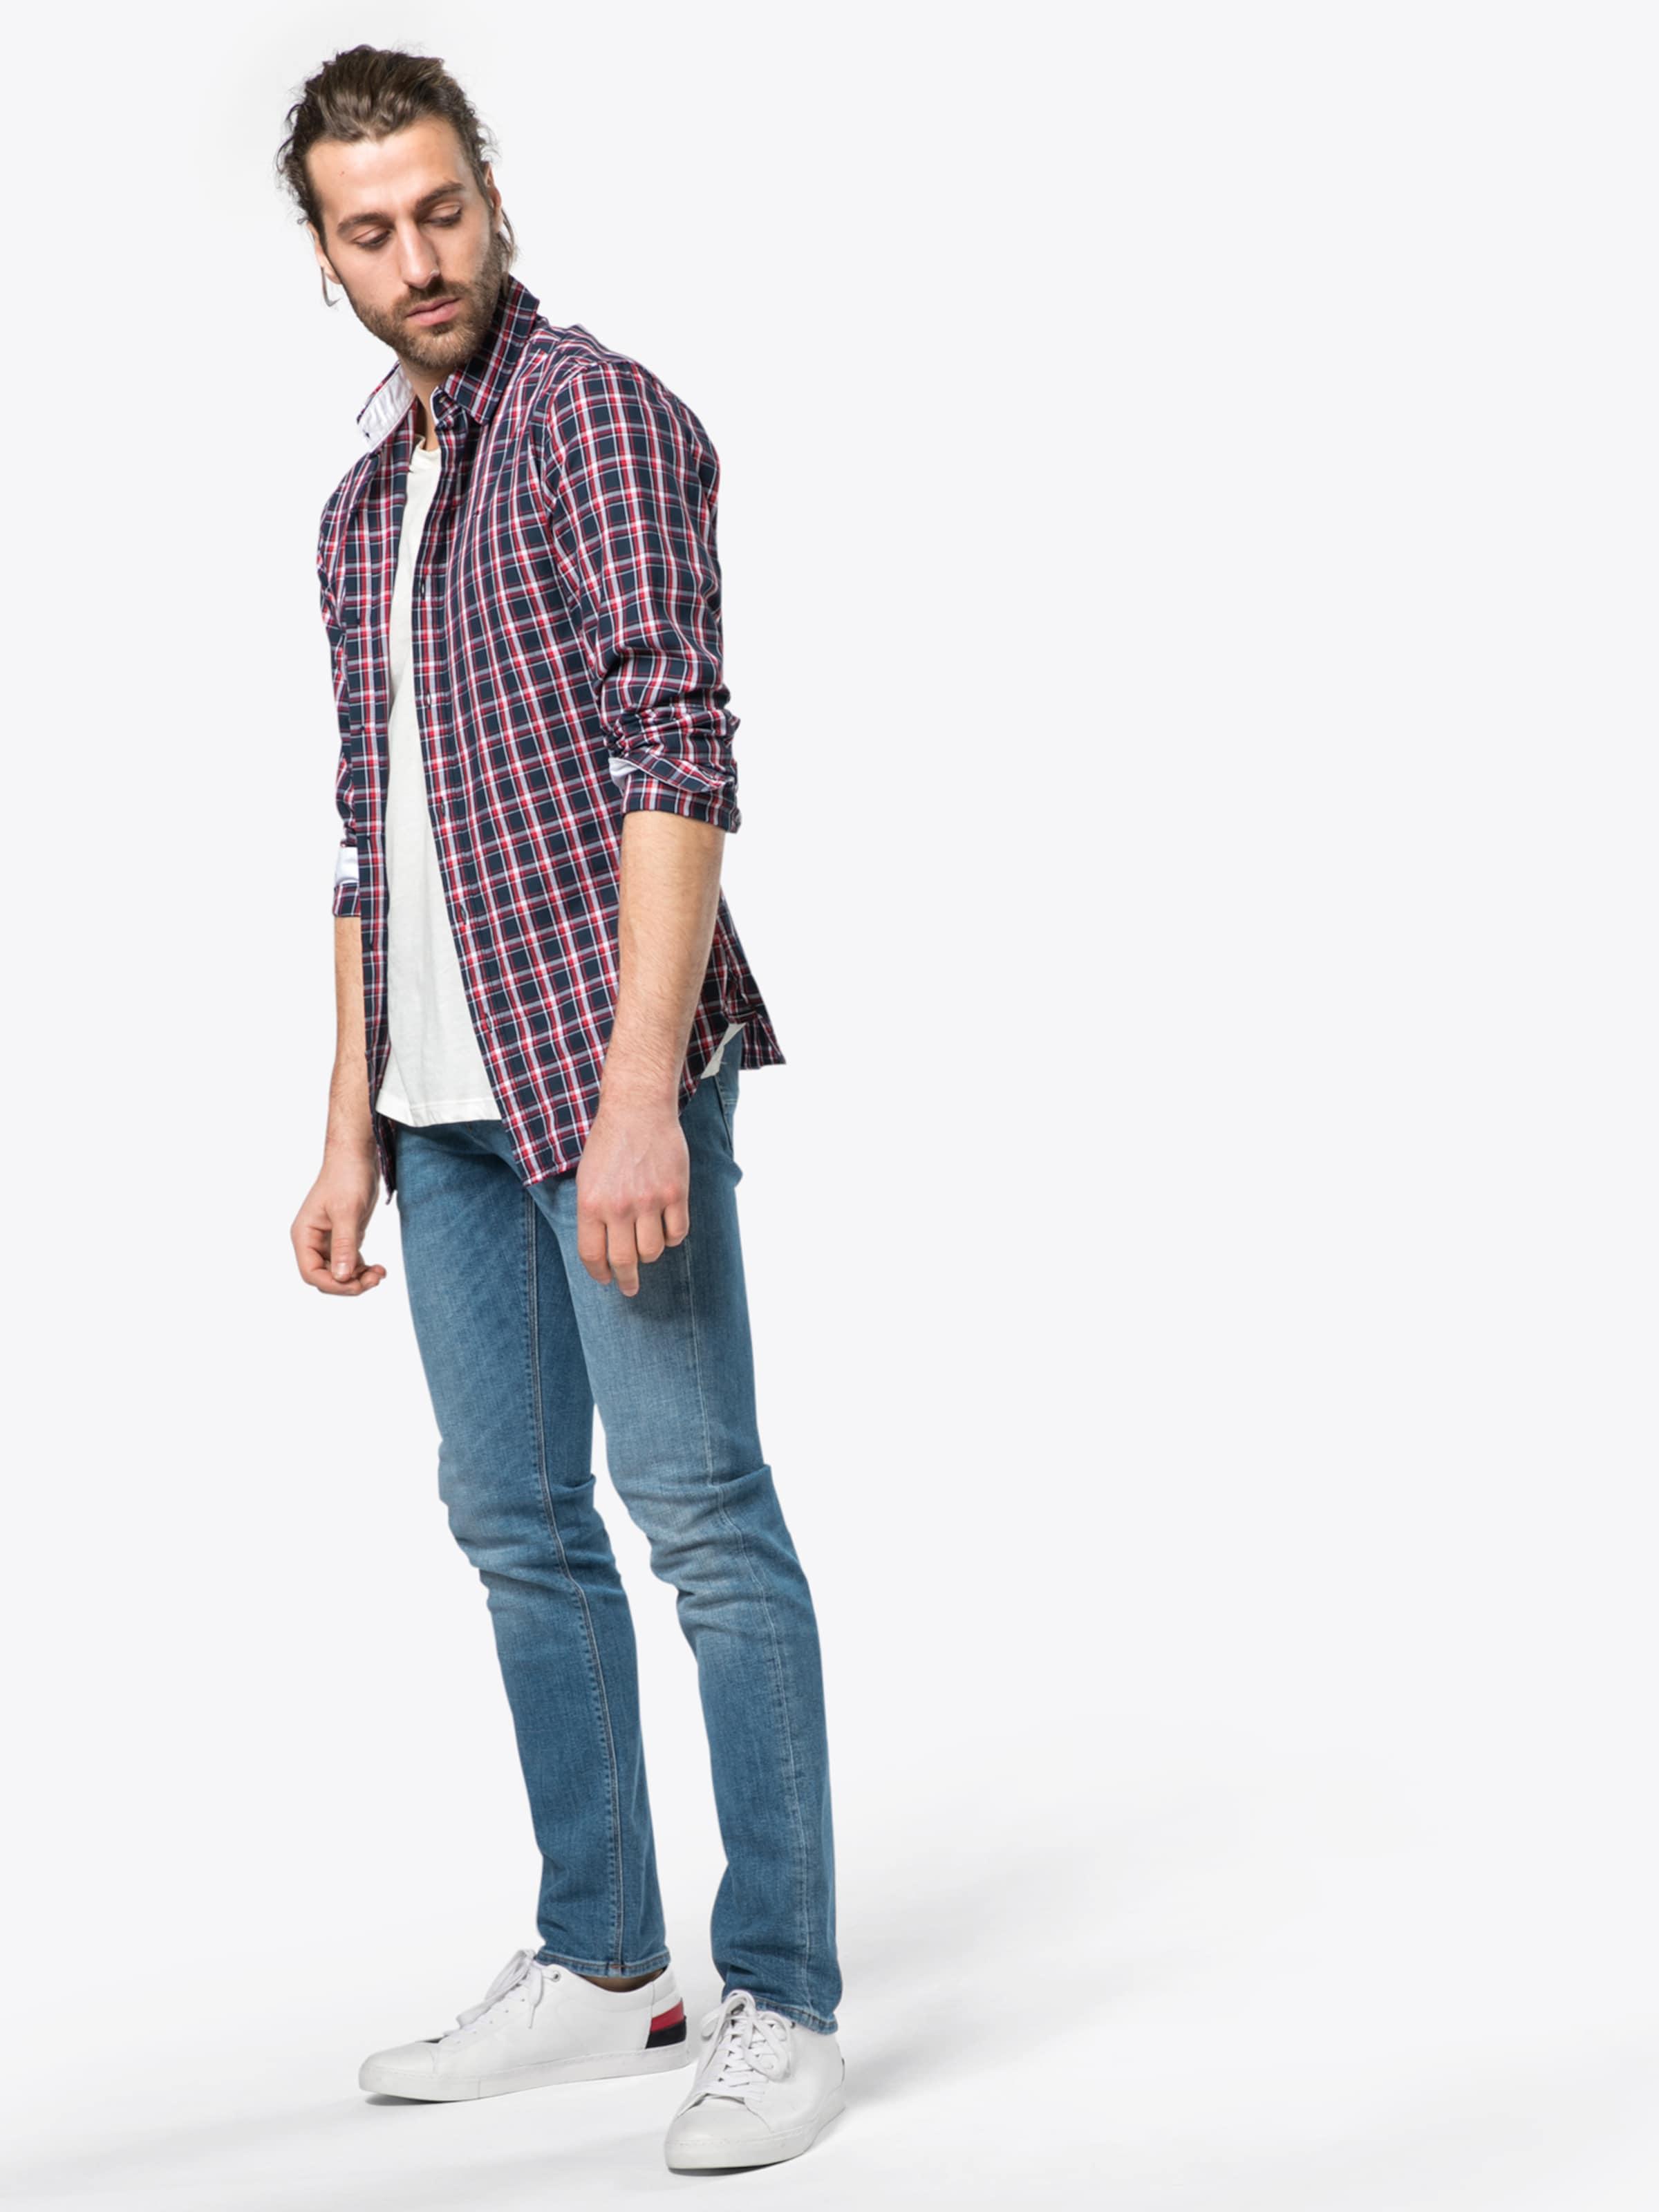 Billig Verkauf Große Diskont Freies Verschiffen Großhandelspreis Tommy Jeans Freizeithemd 'TJM ESSENTIAL CHECK SHIRT' 9XhQMWuAr